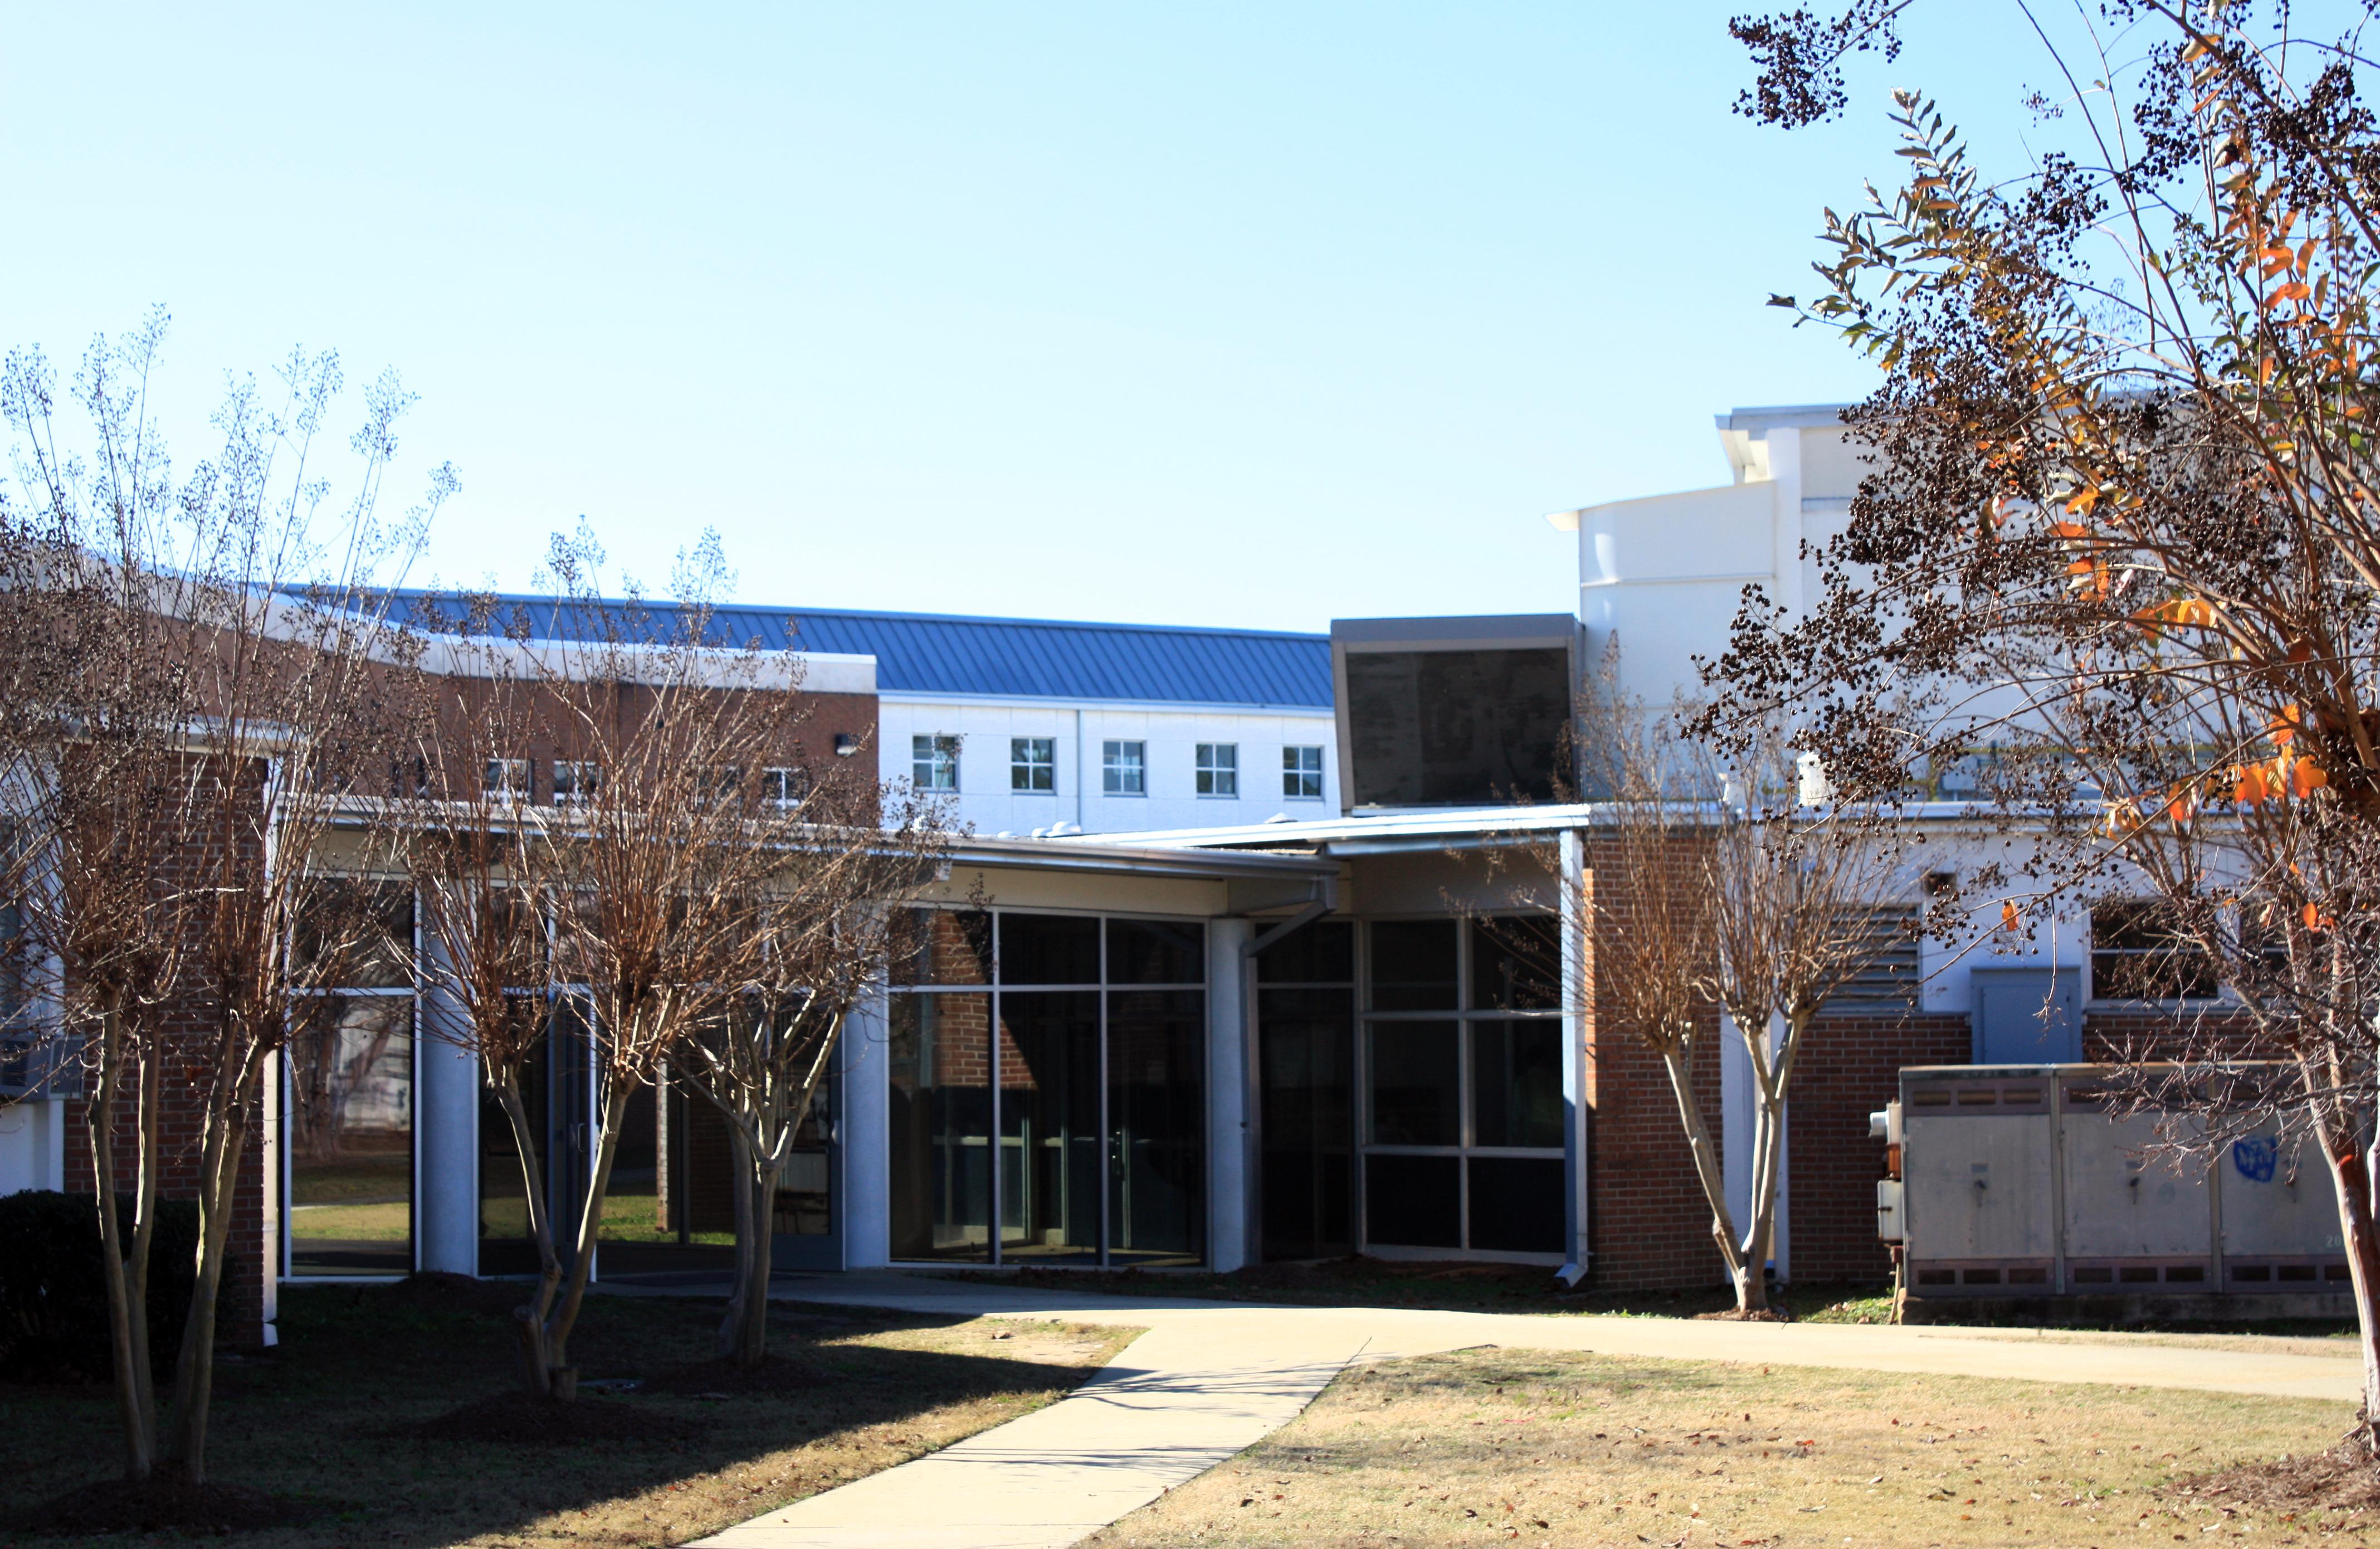 Buildings on The Auburn High